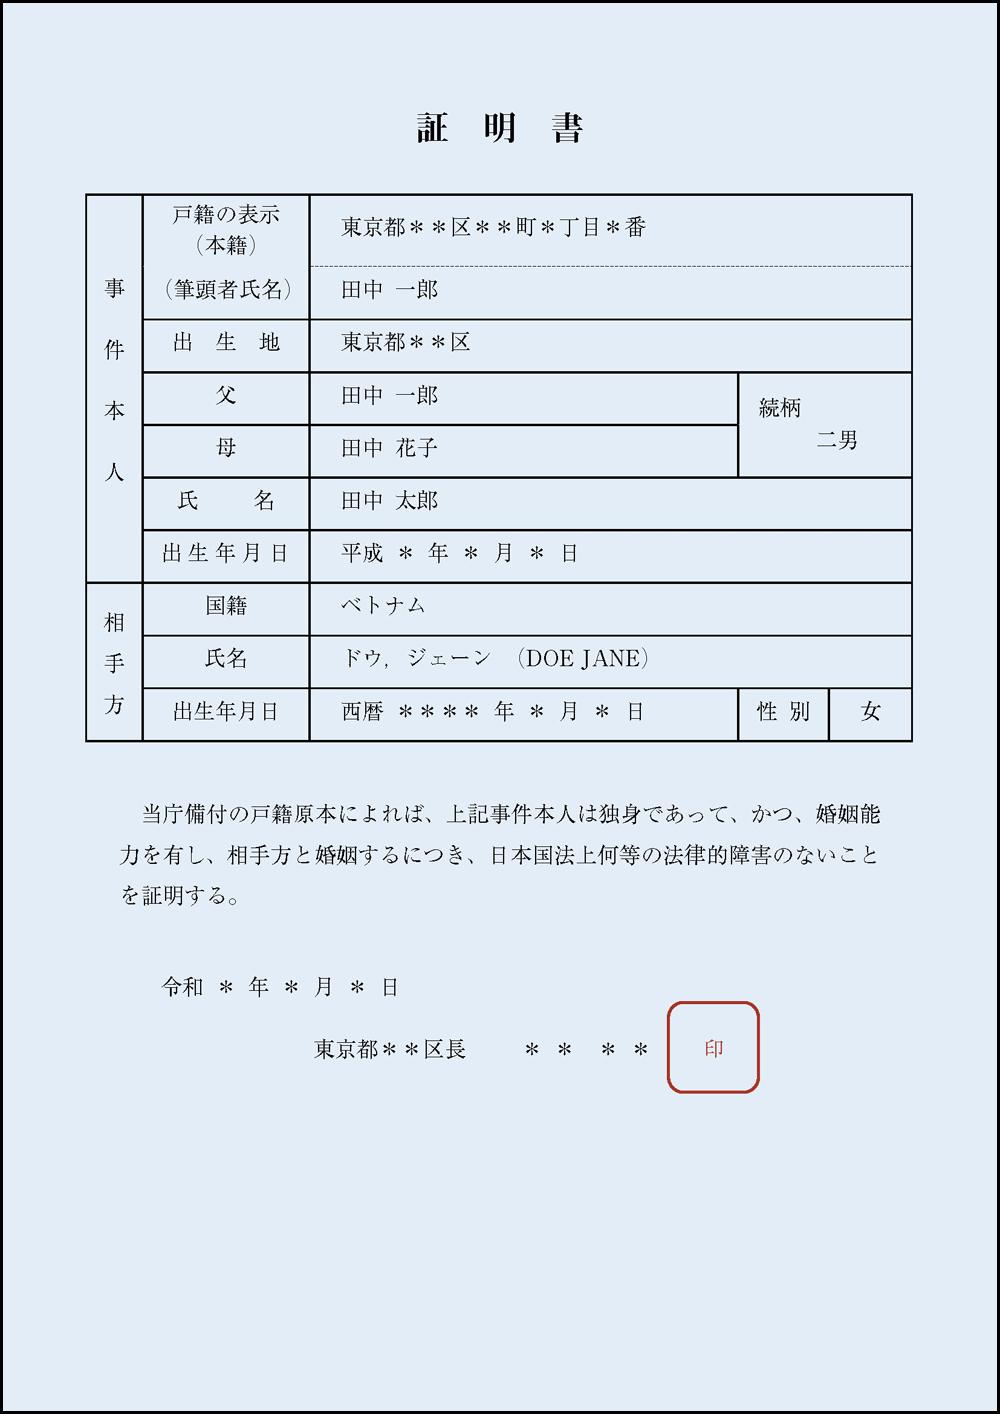 市役所・区役所発行の婚姻要件具備証明書